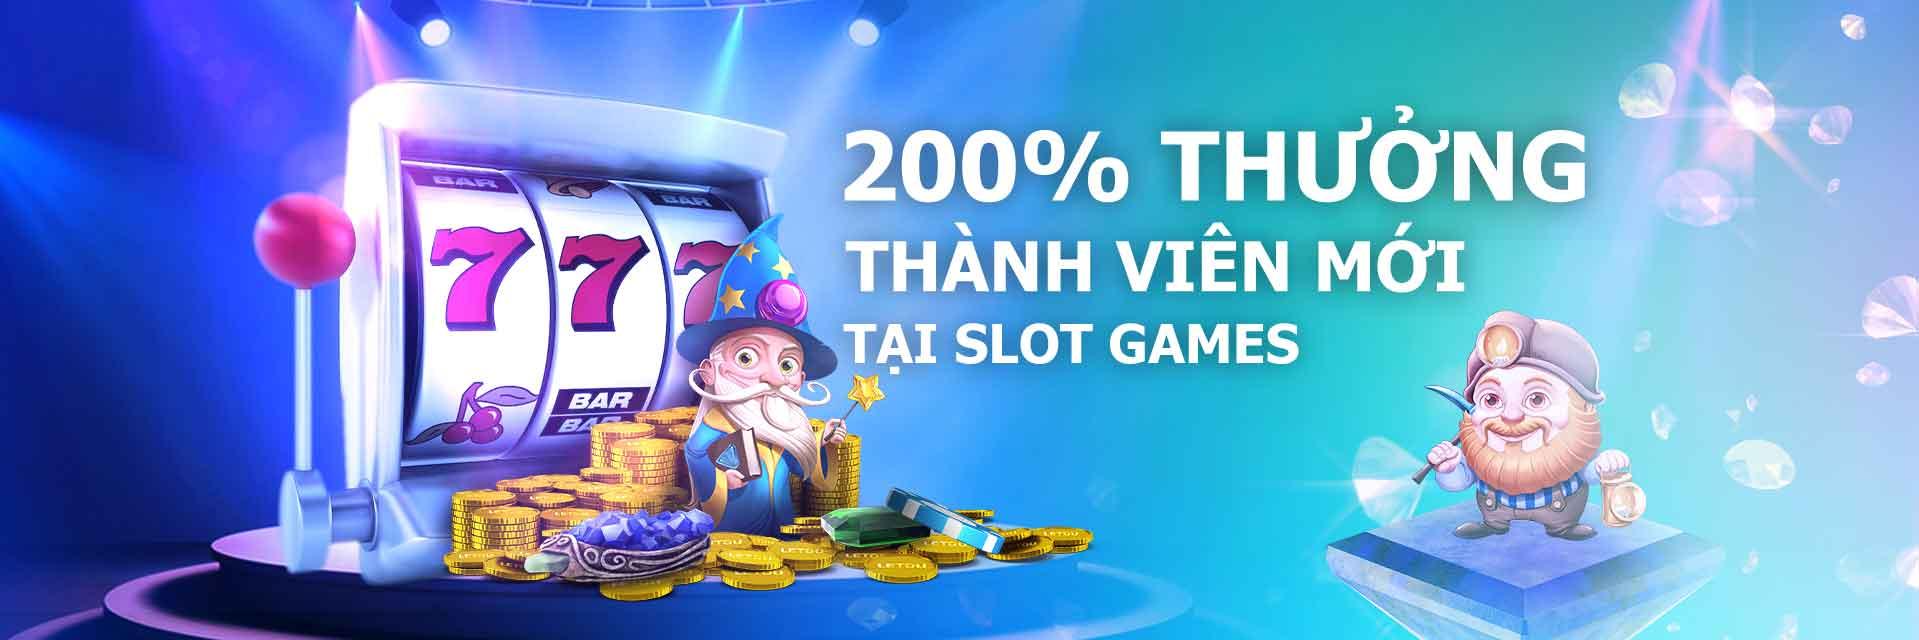 Khuyến mãi 200% thưởng thành viên mới tại Slot Games